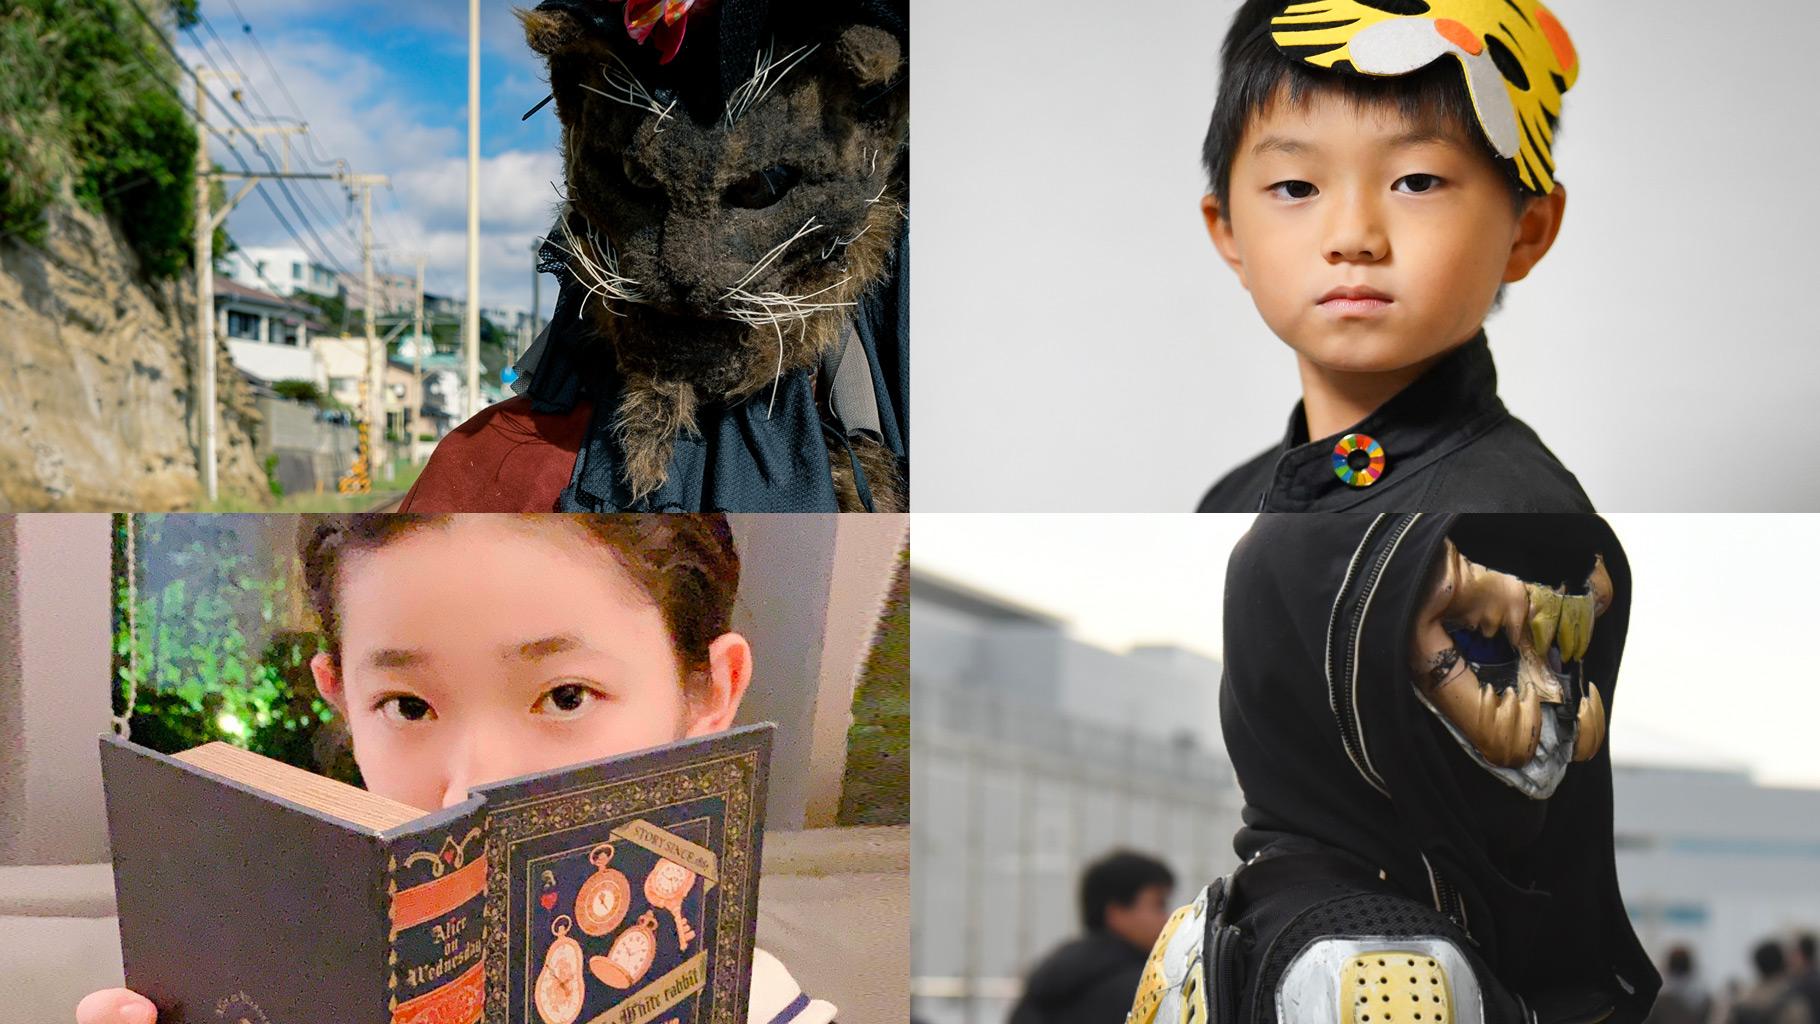 main-17 渋谷から始まる未来 僕らがつなぐSDGs 〜地球を守るヒーローになろう〜